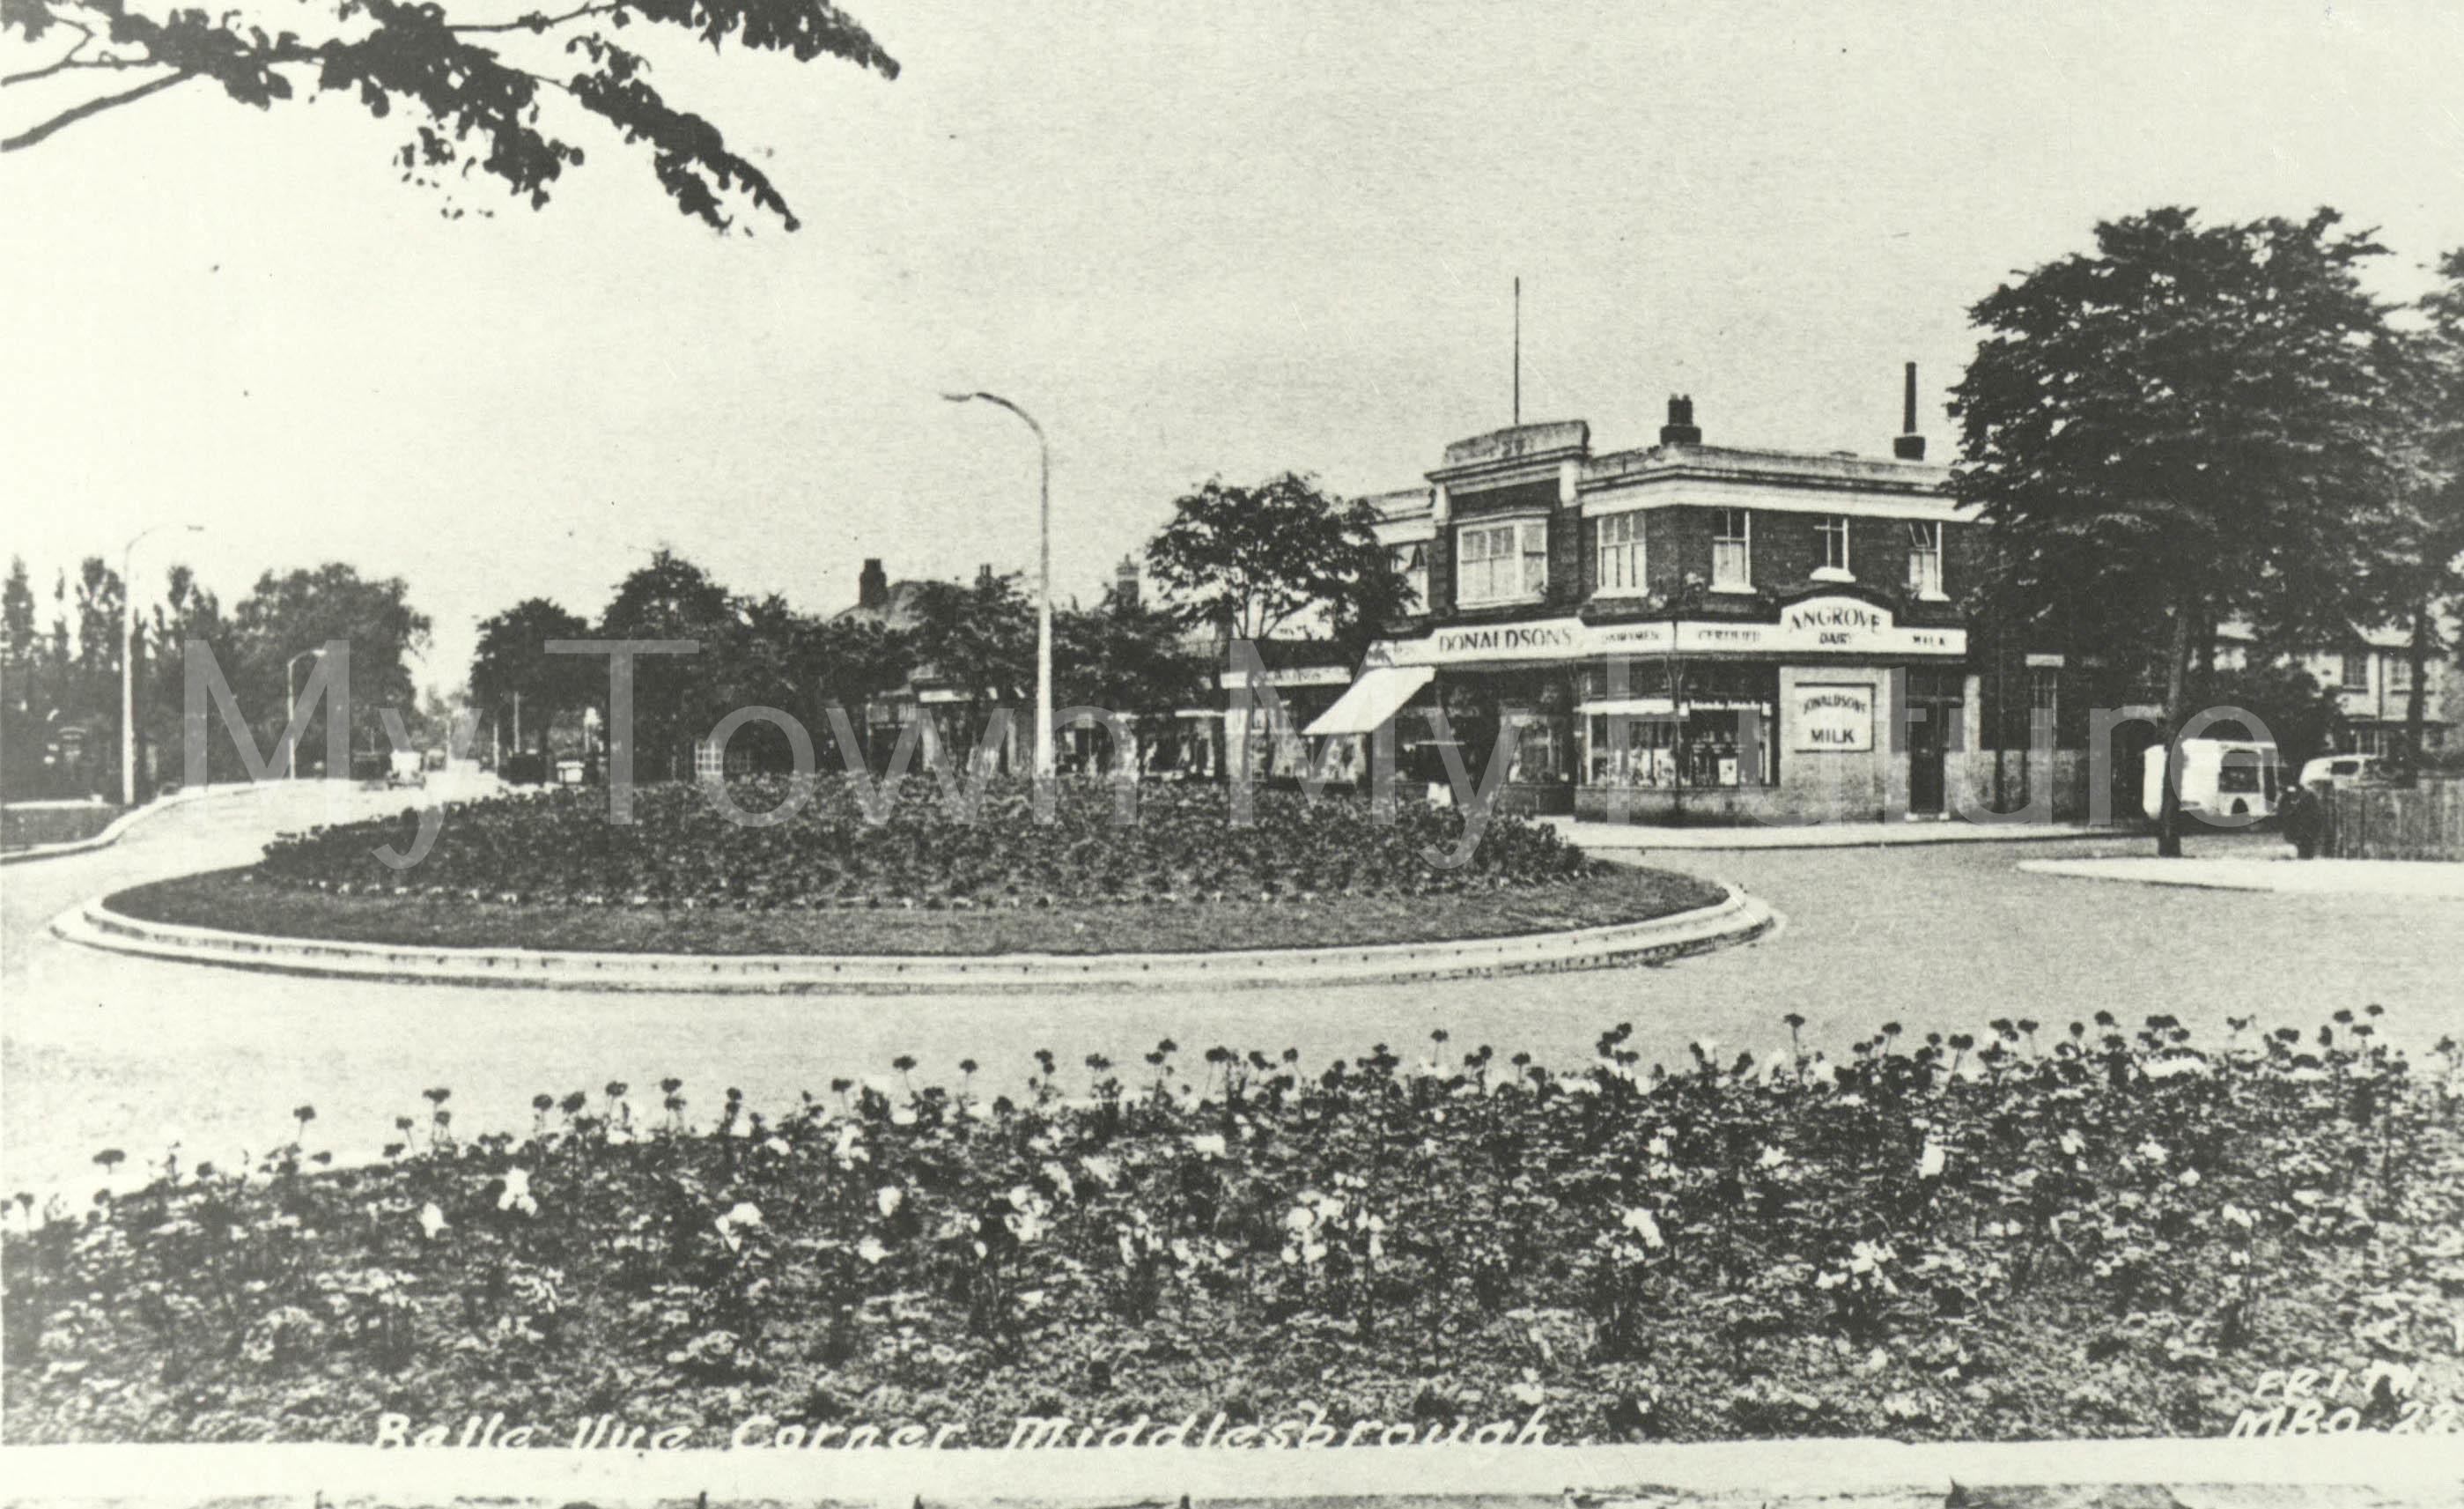 Marton Road,Belle Vue Roundabout